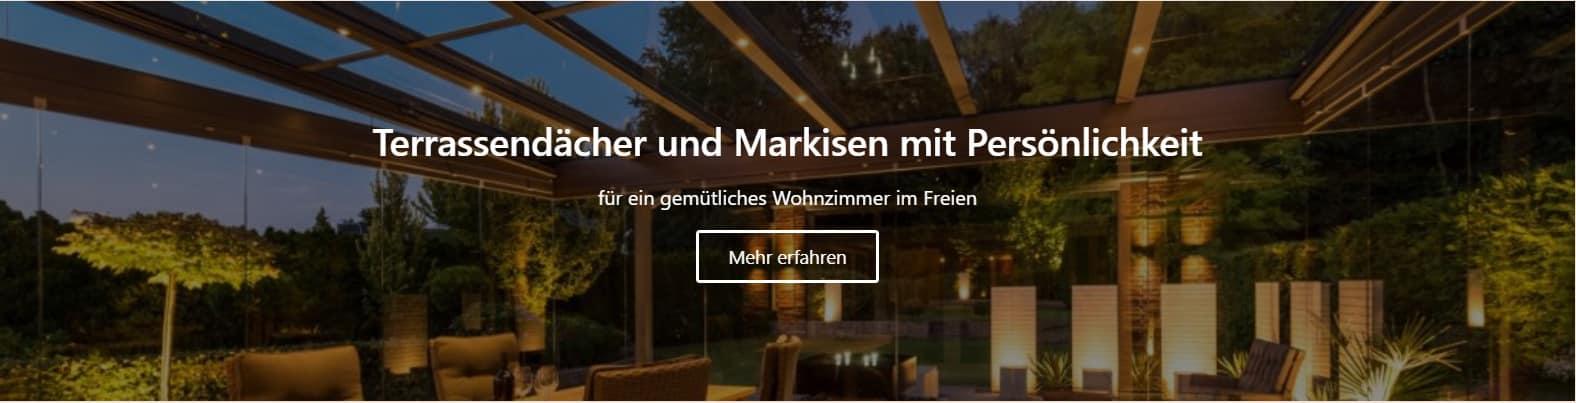 Terassendächer und Markisen in Gildehaus vom Tischler